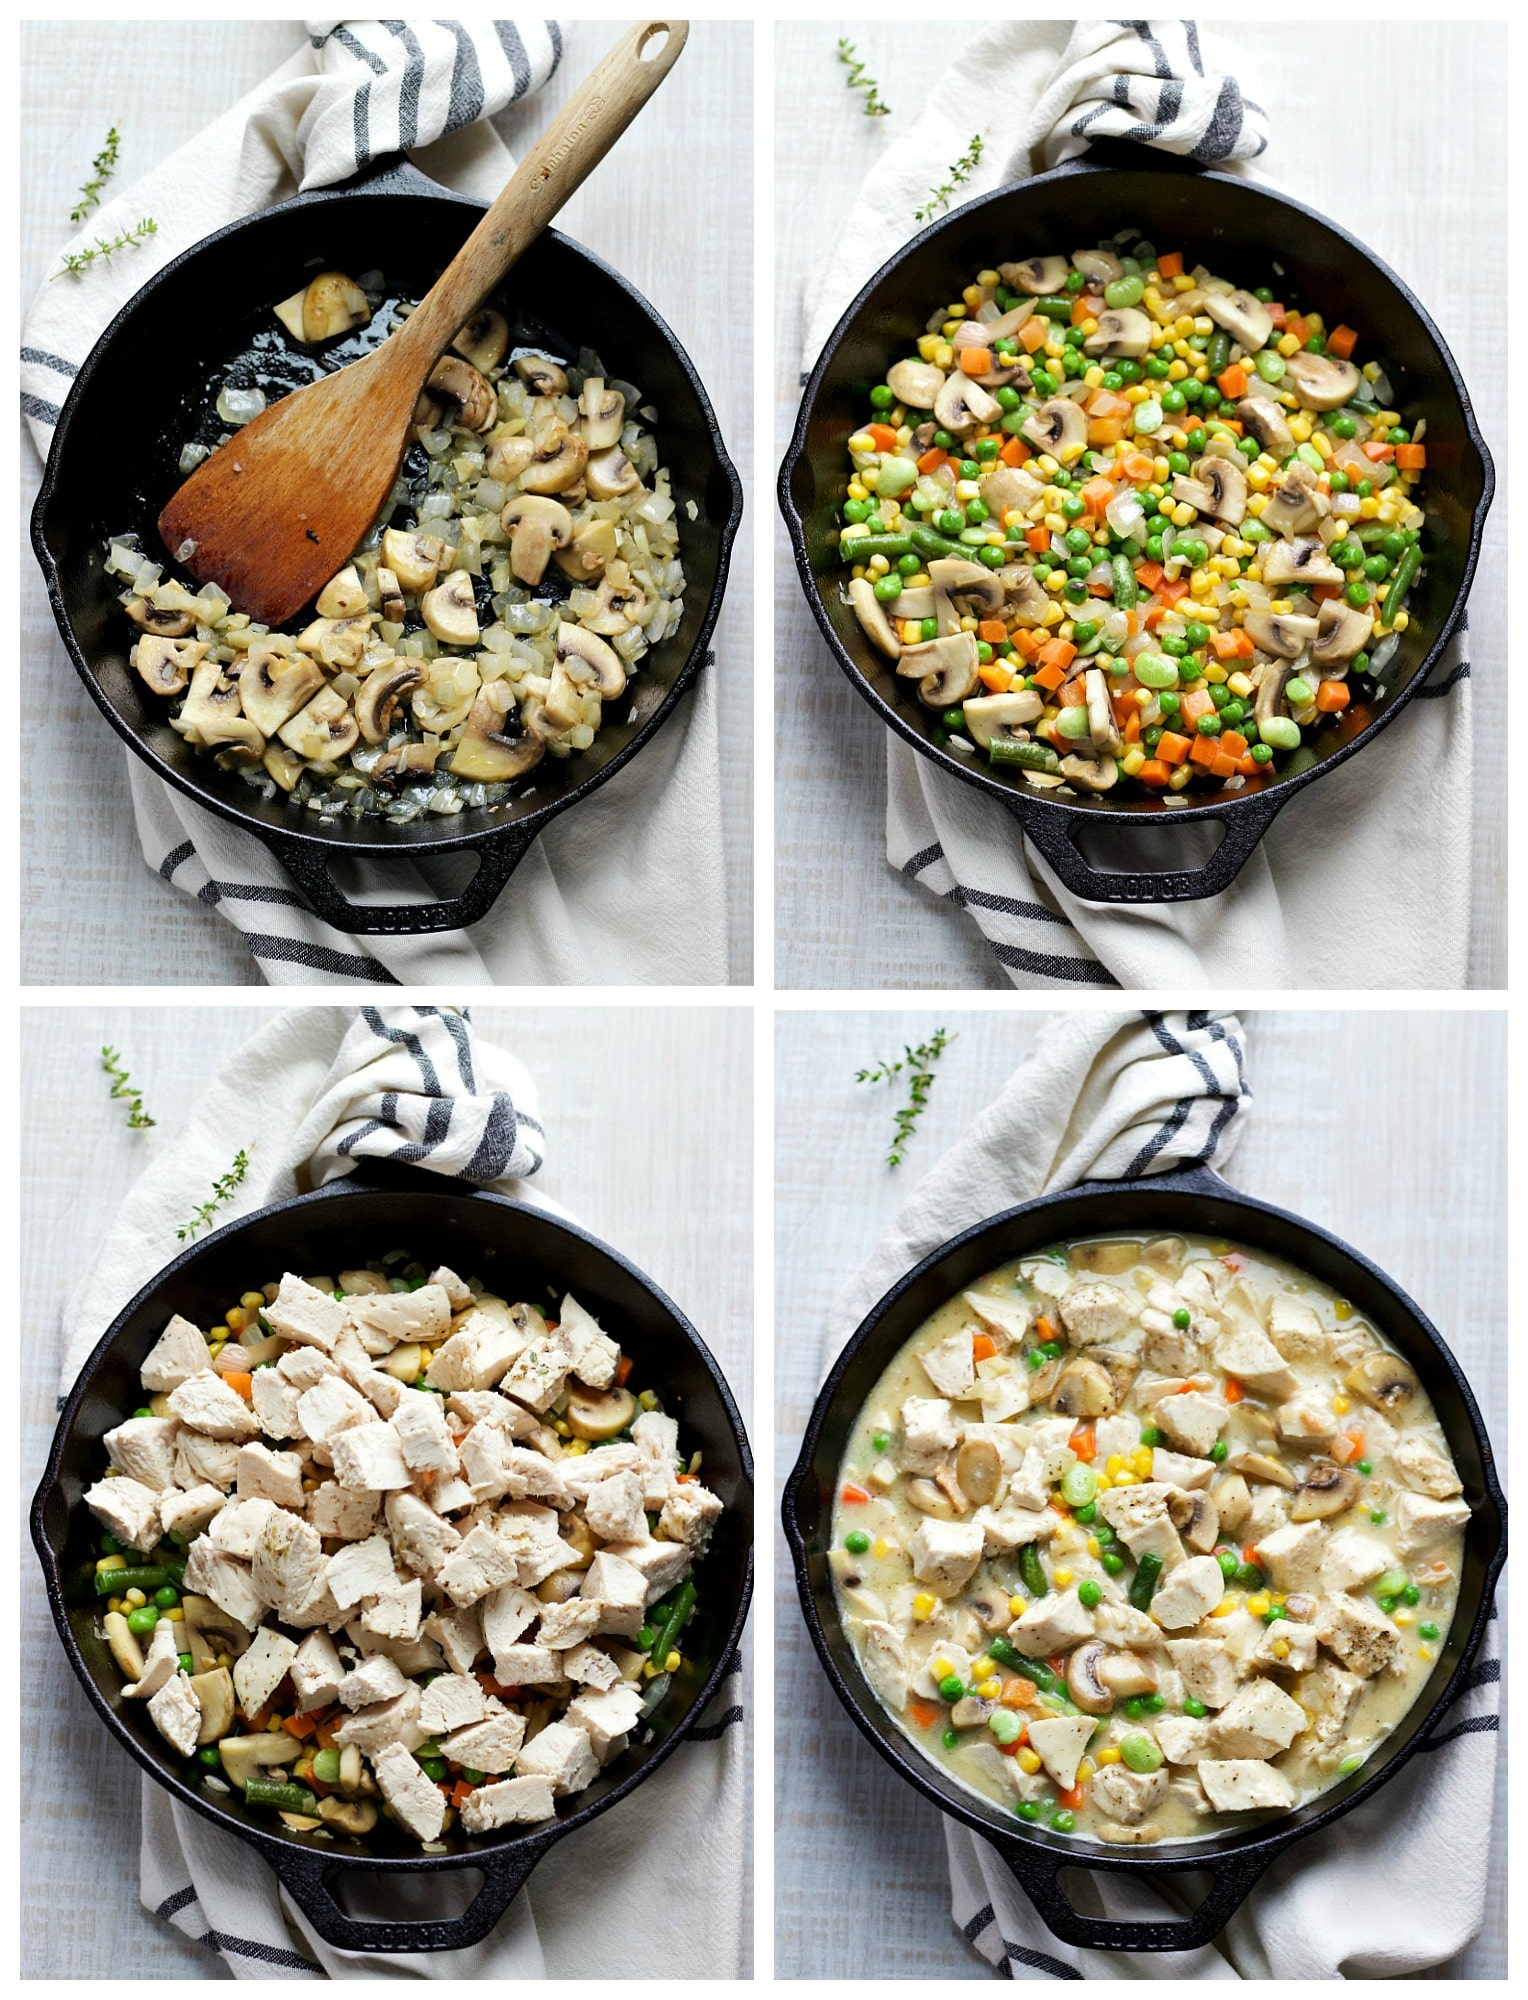 How To Make Skillet Chicken Pot Pie